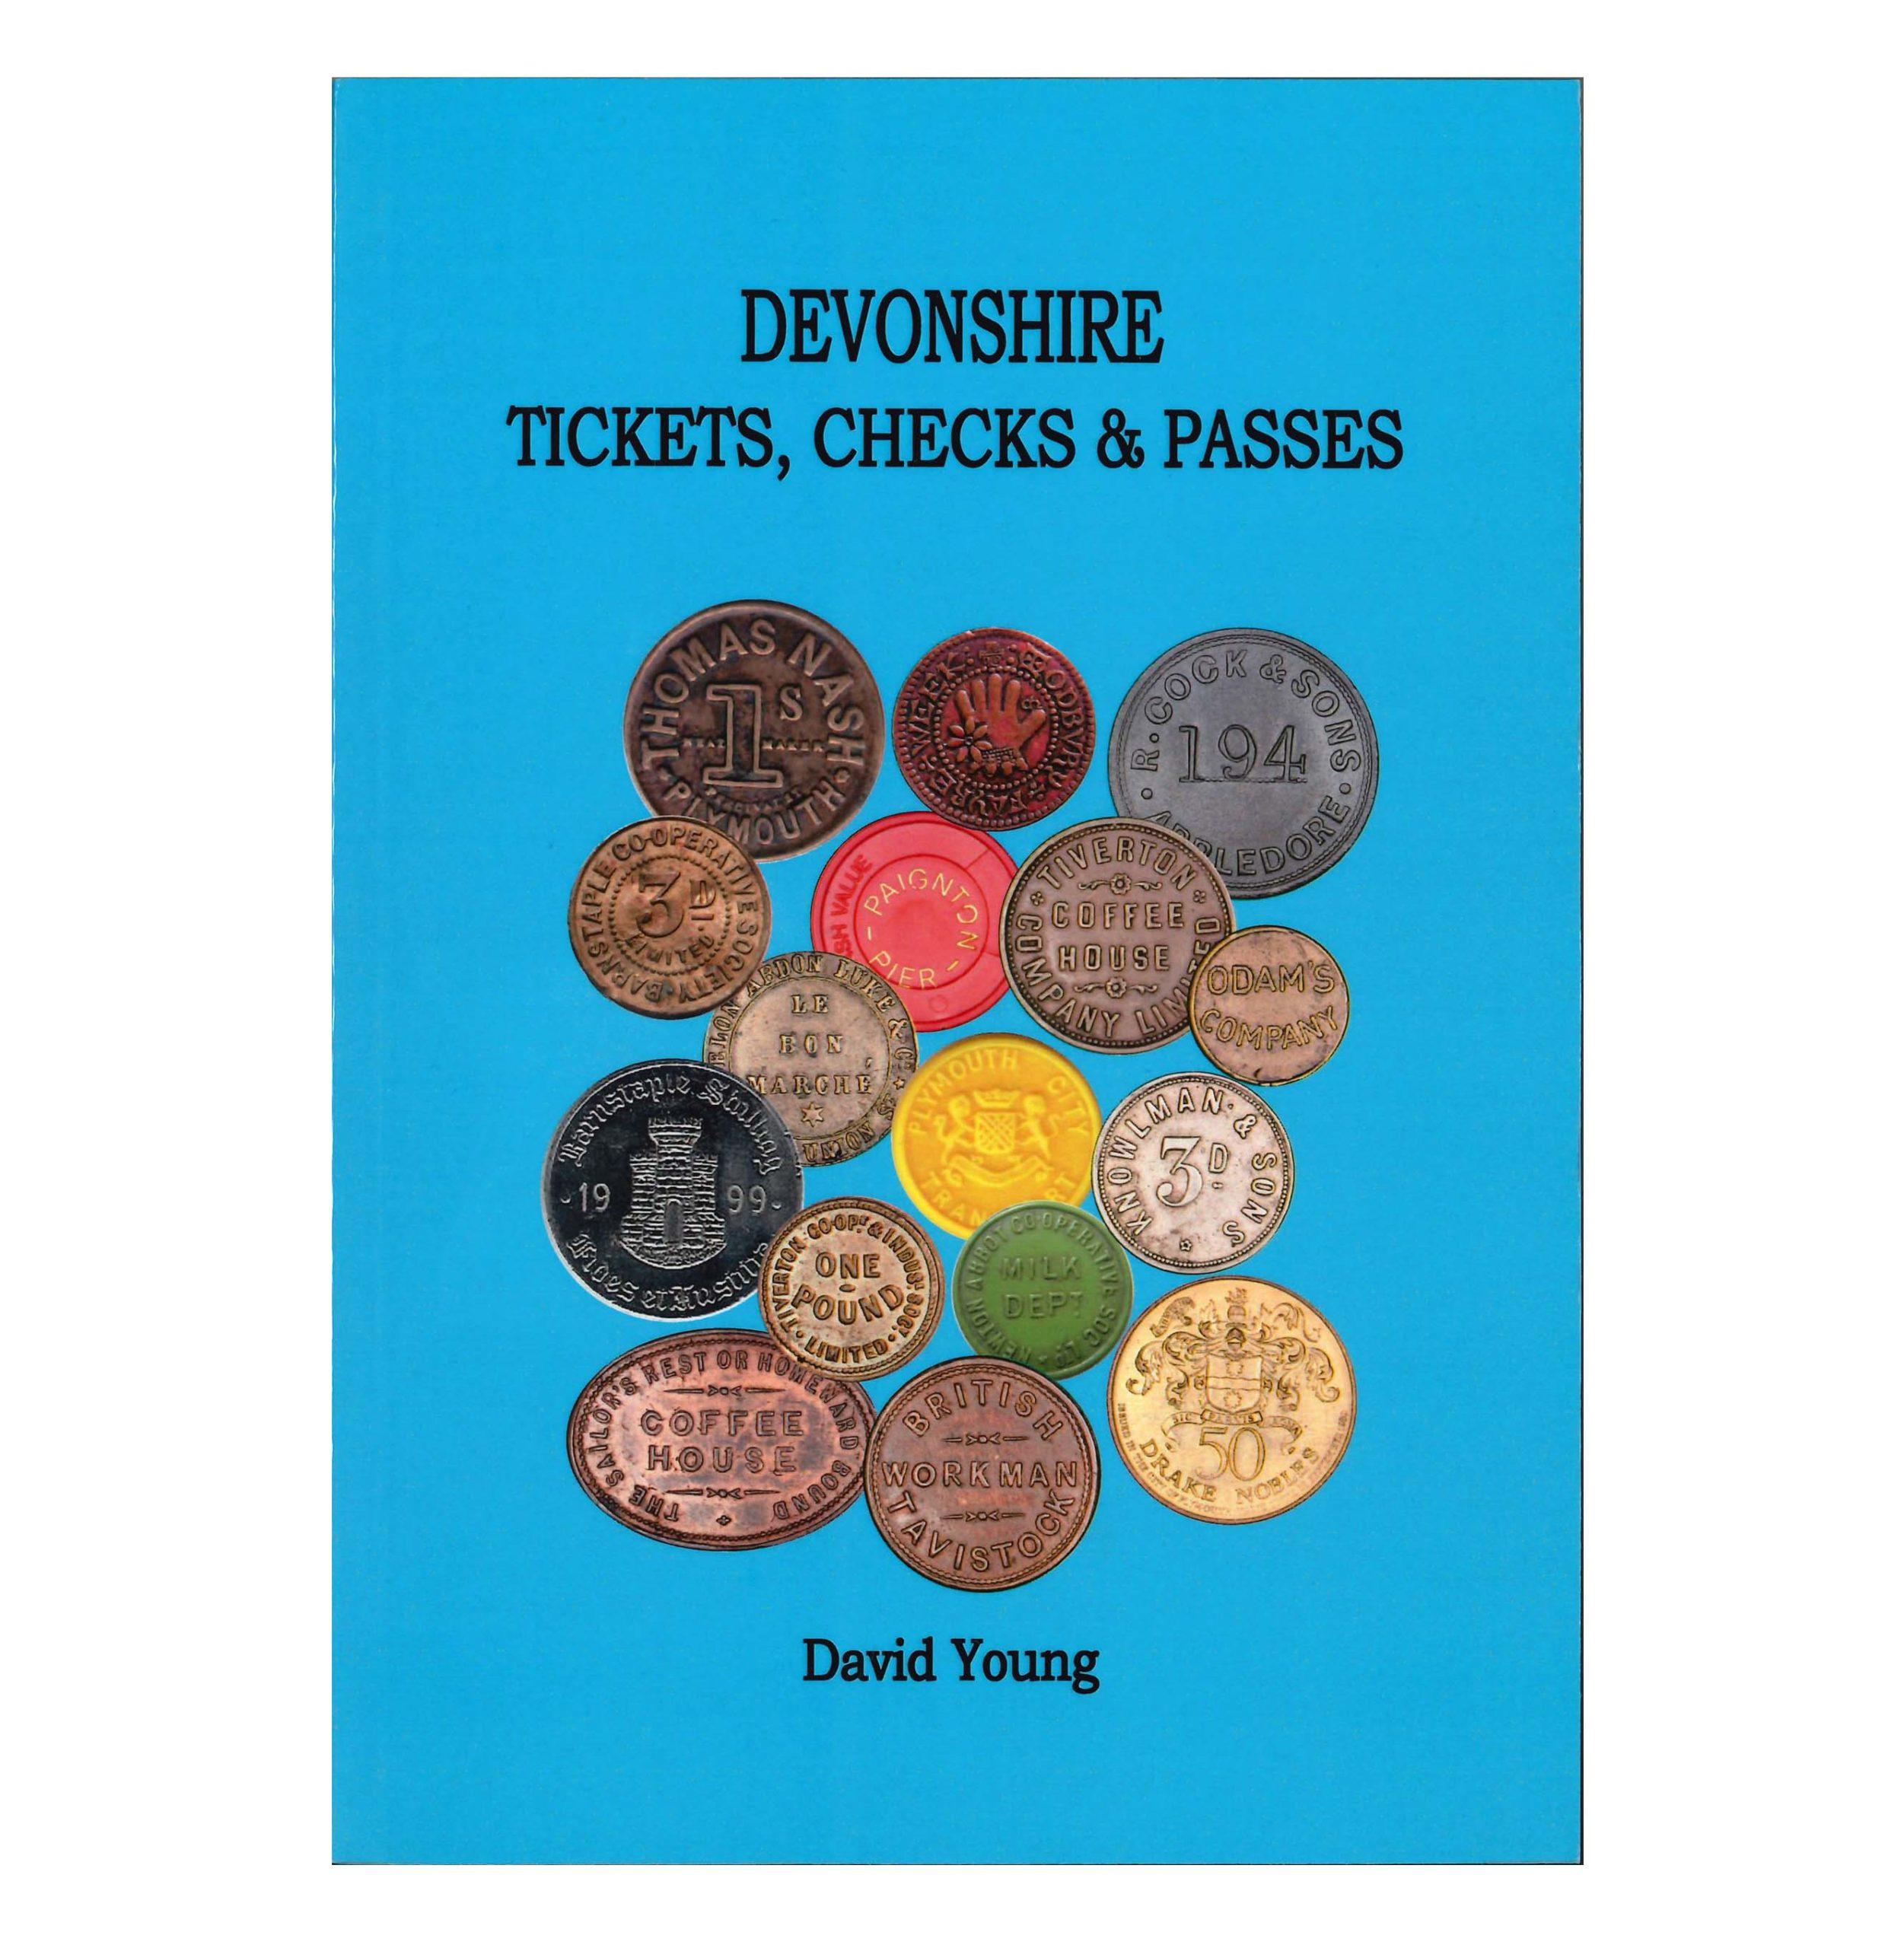 Devonshire Tickets, Checks & Passes